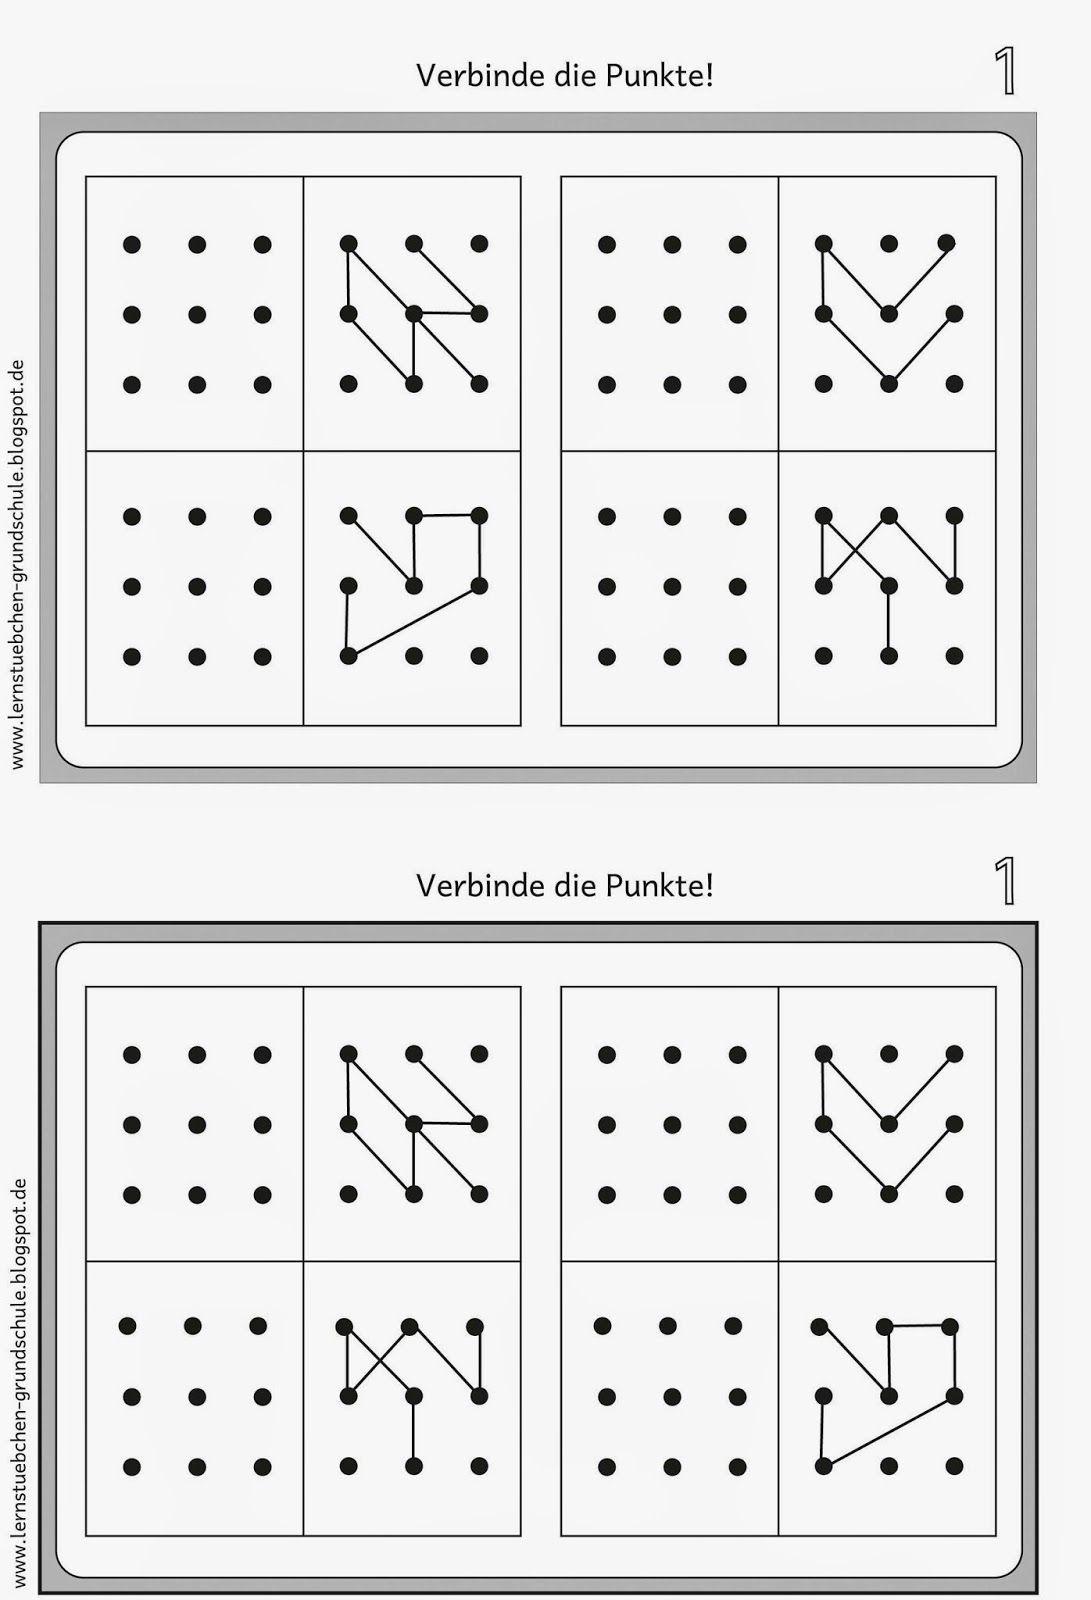 Punkte+verbinden+2+Linkshänder+LS+dünnere+Linien-2.jpg 1.091×1.600 ...